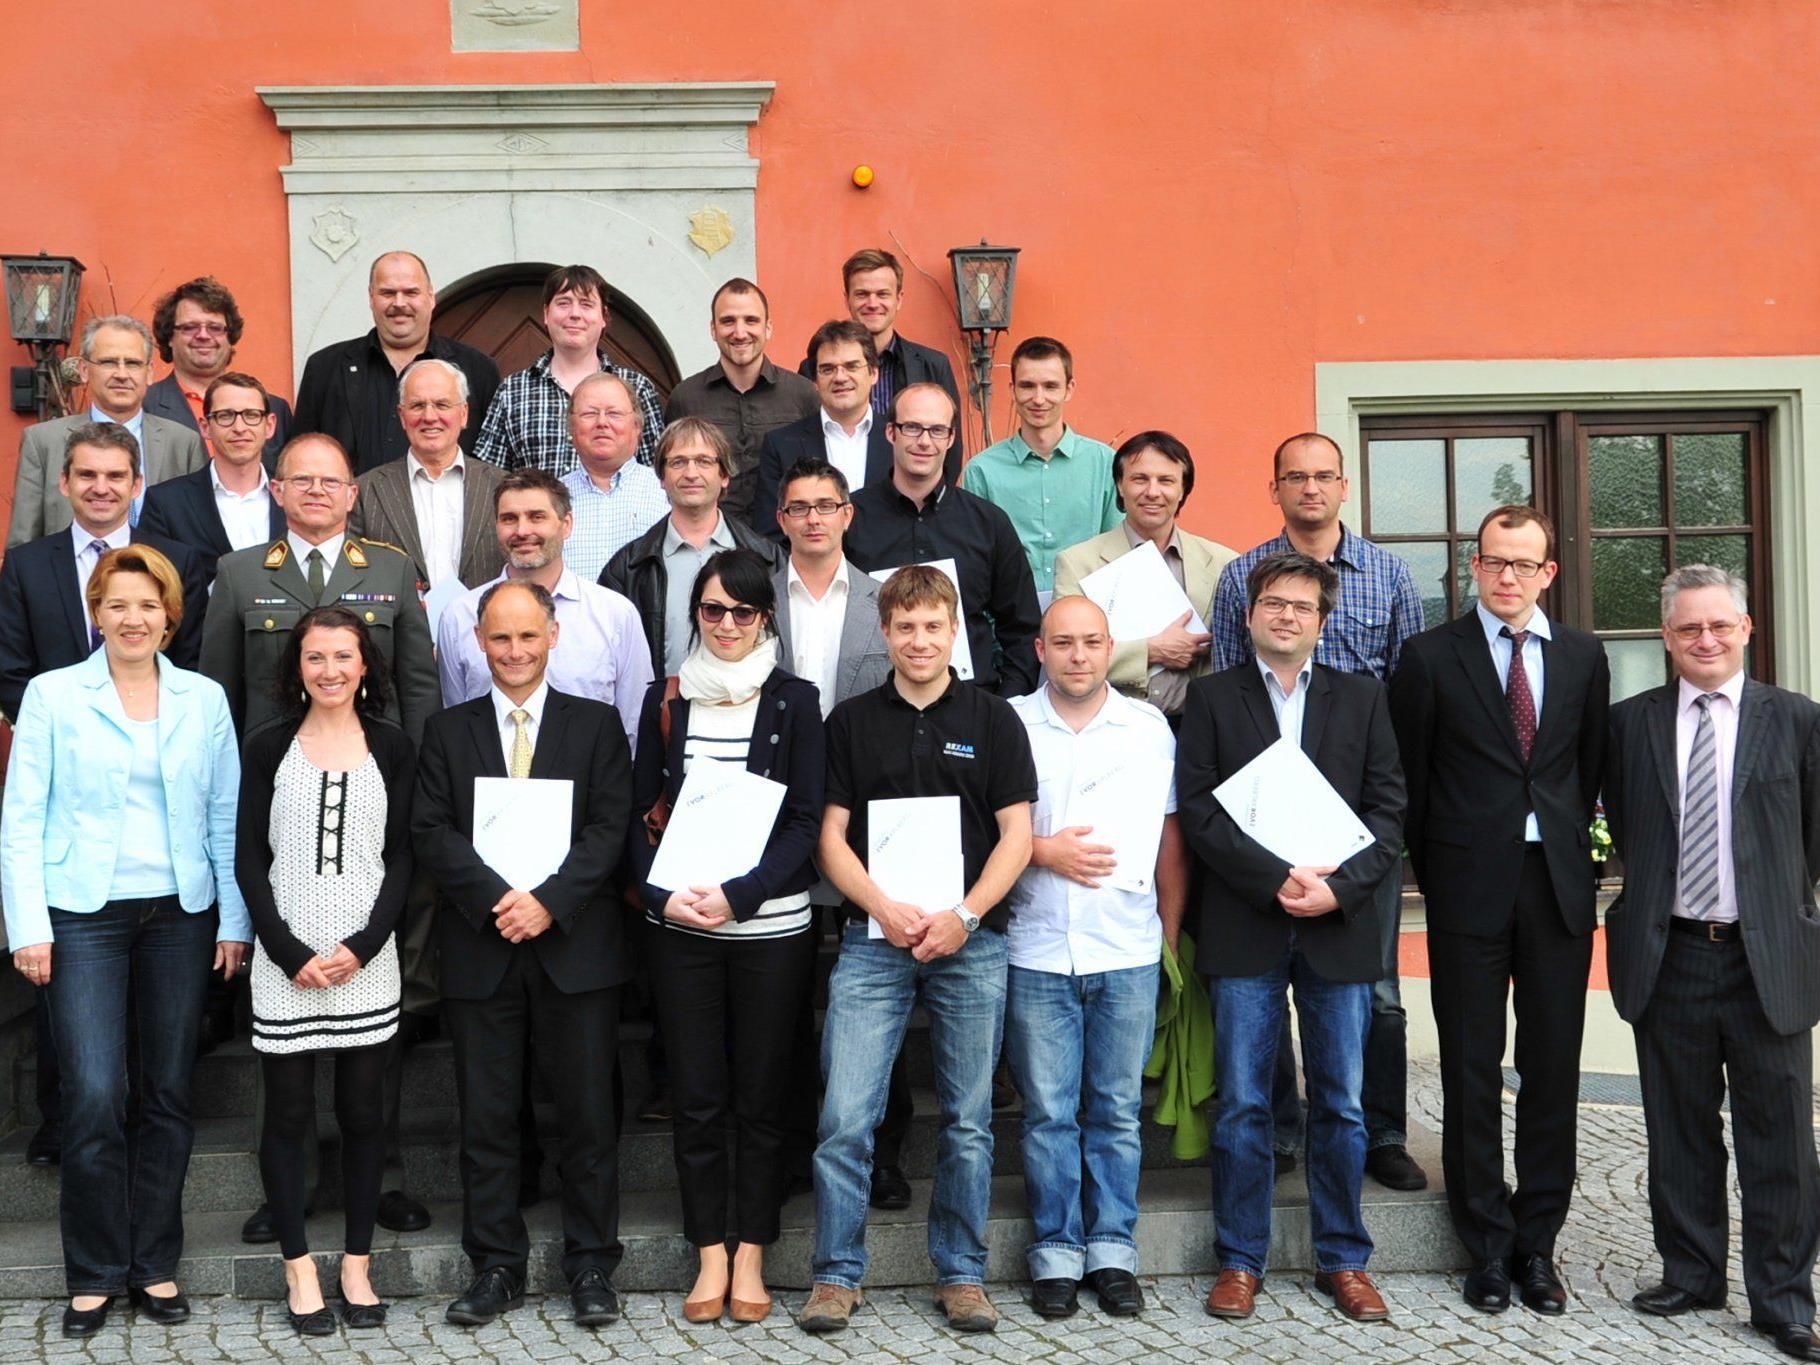 22 neue Energiemangager erhielten ihre Zeugnisse in Schloss Hofen.